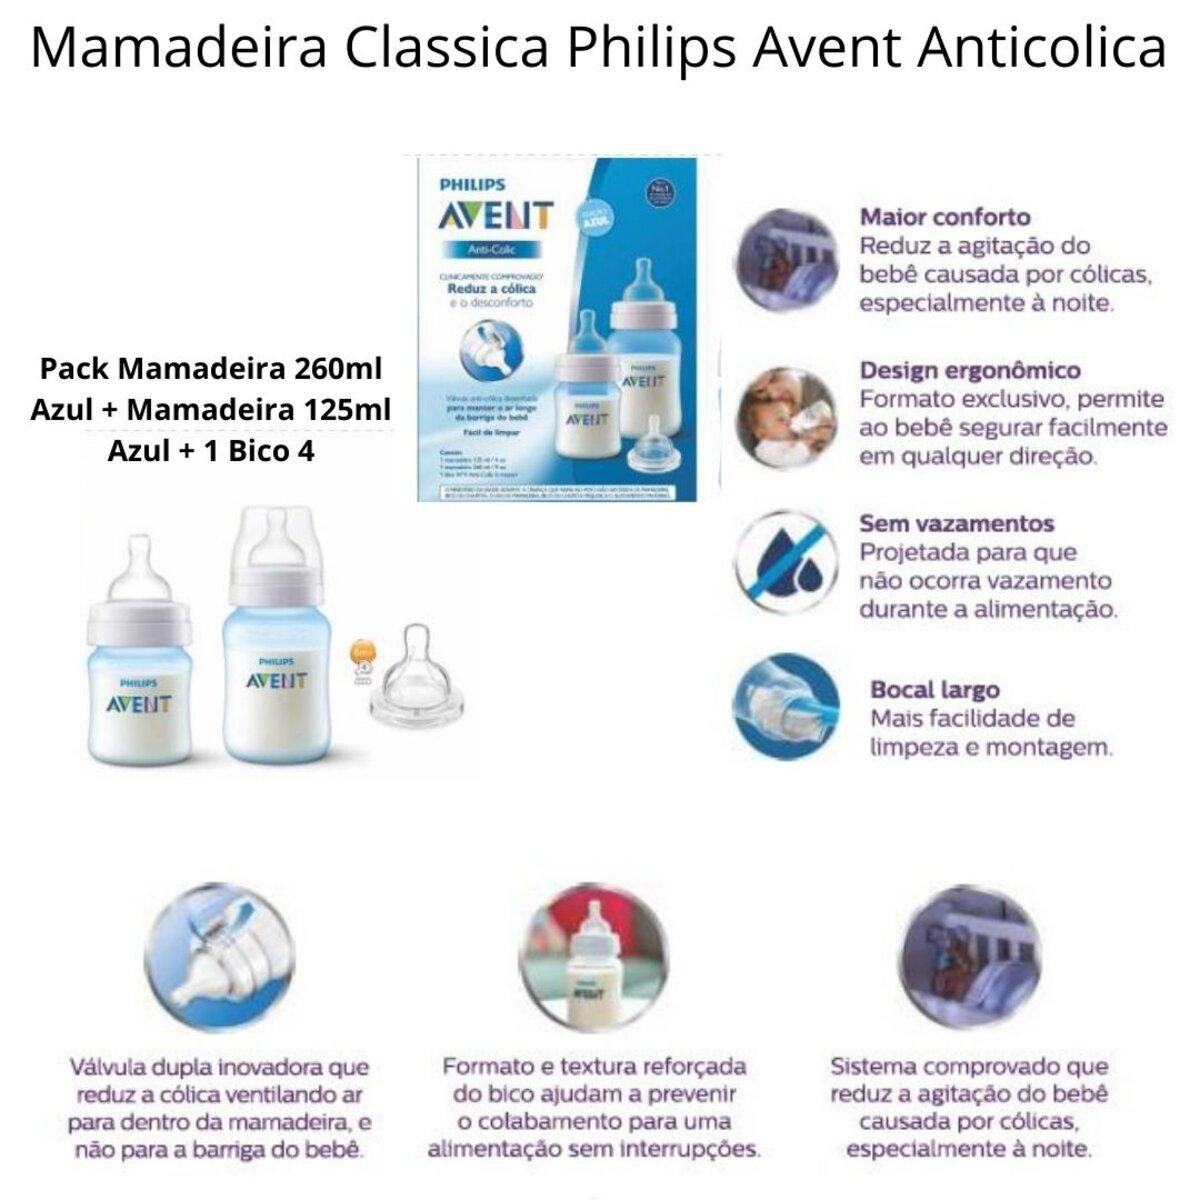 Kit Mamadeiras Avent Clássica Anticolica 125/260 Azul +Bico